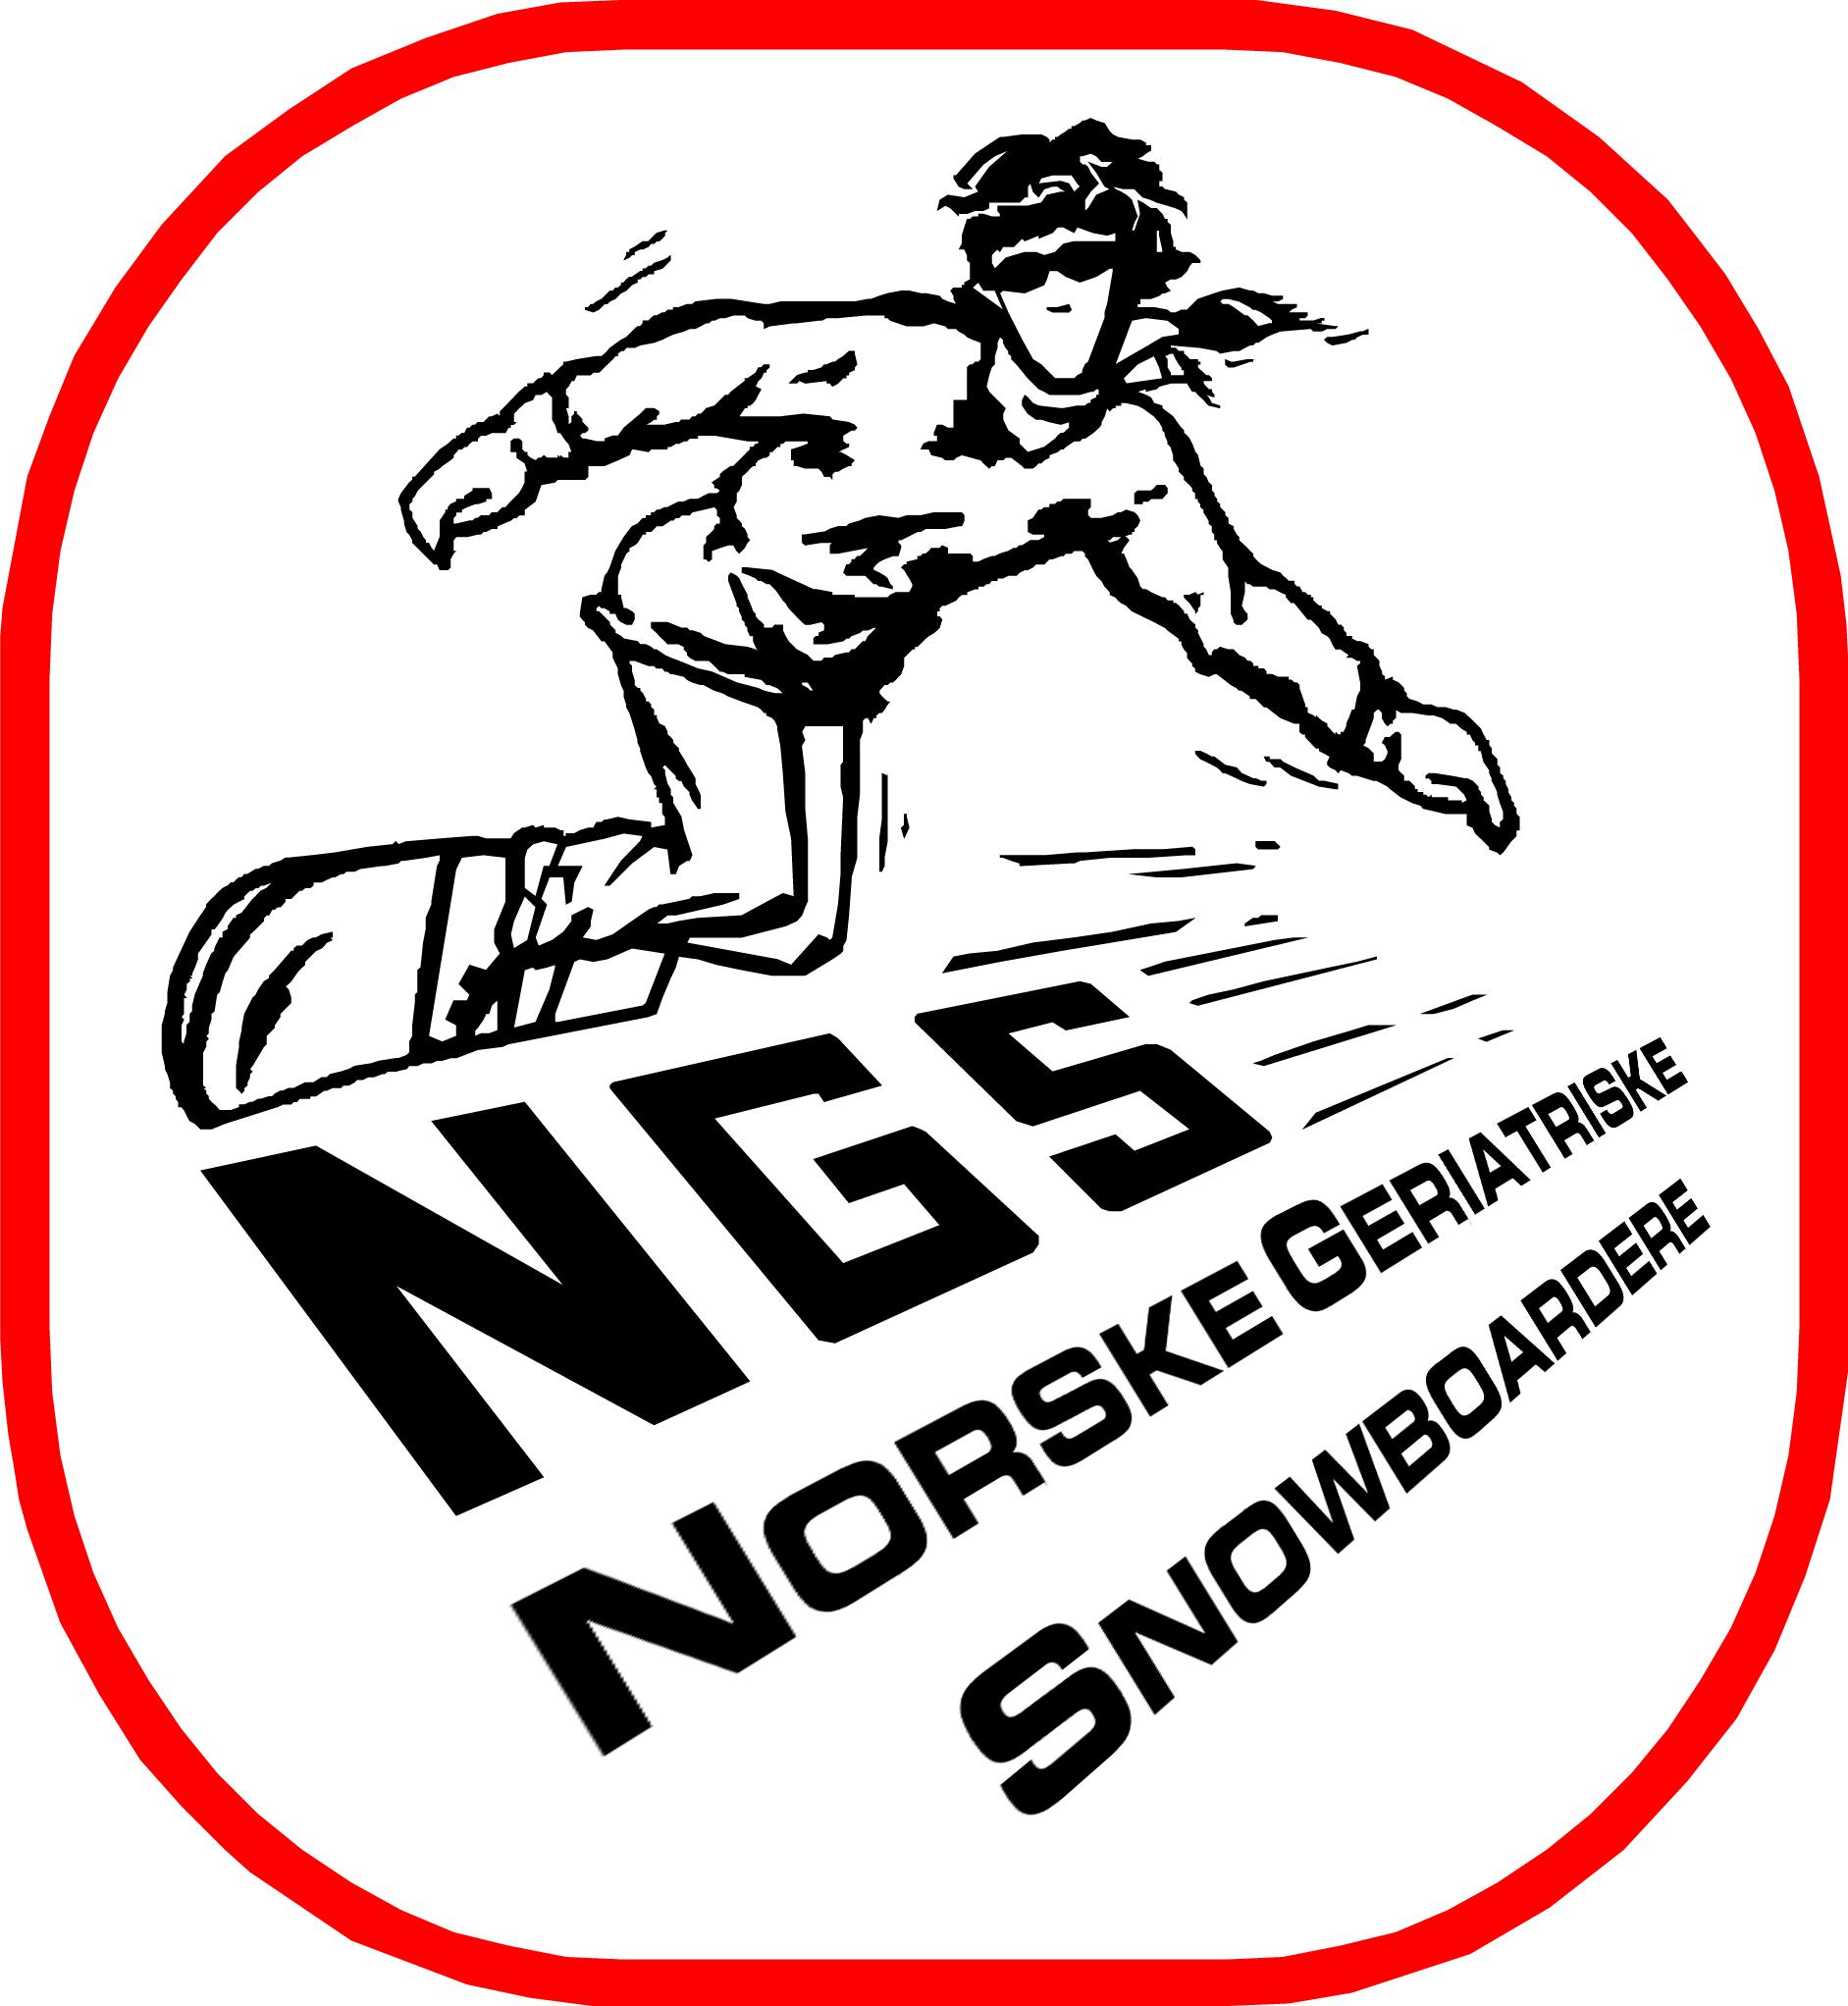 Norsk Geriatriske Snowbardere